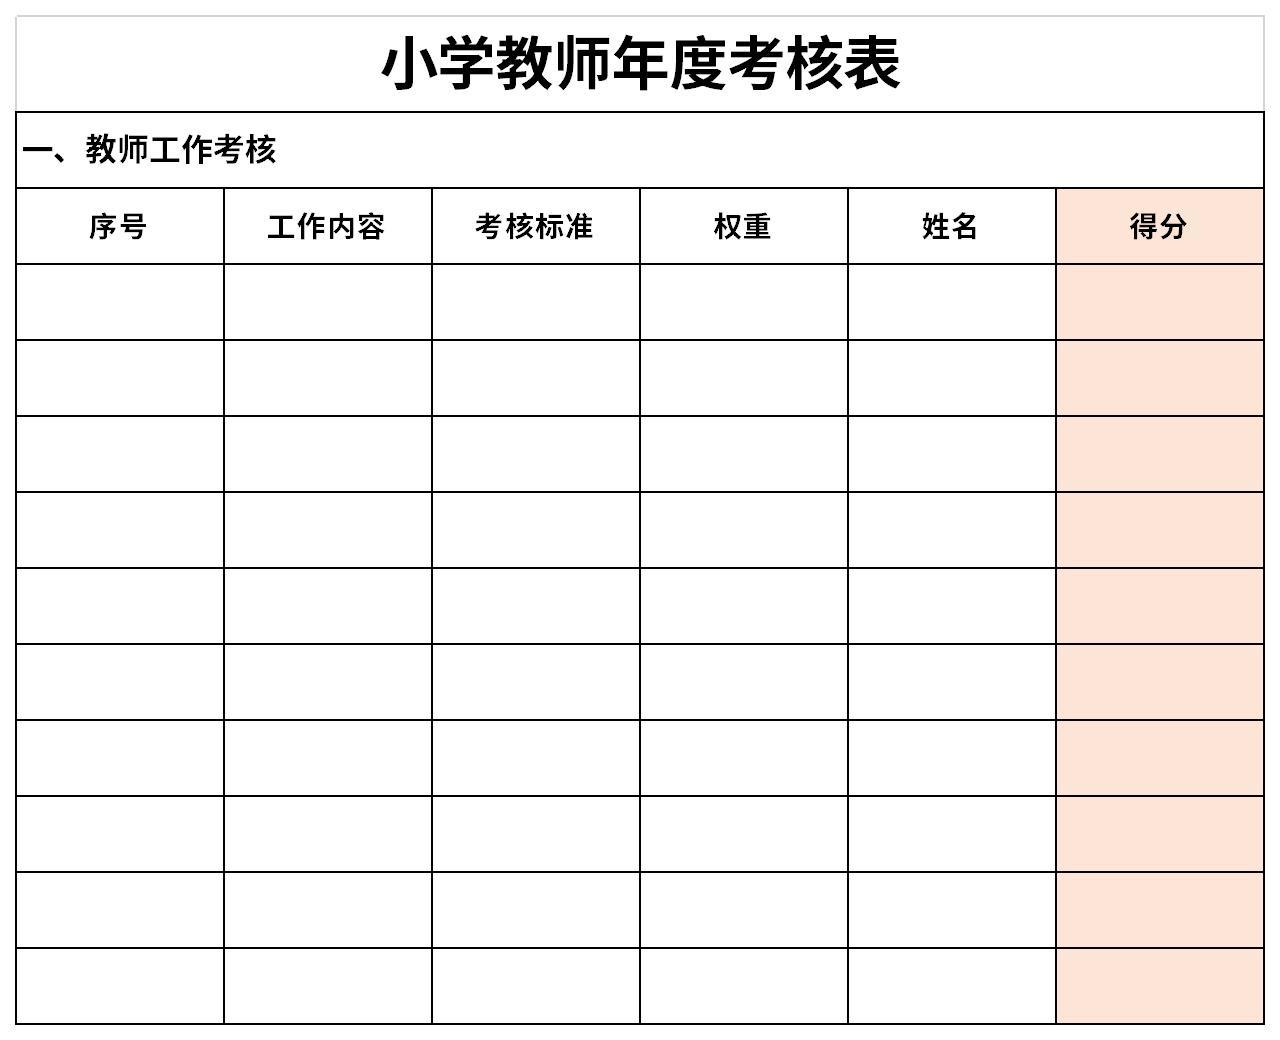 小学教师年度考核表截图